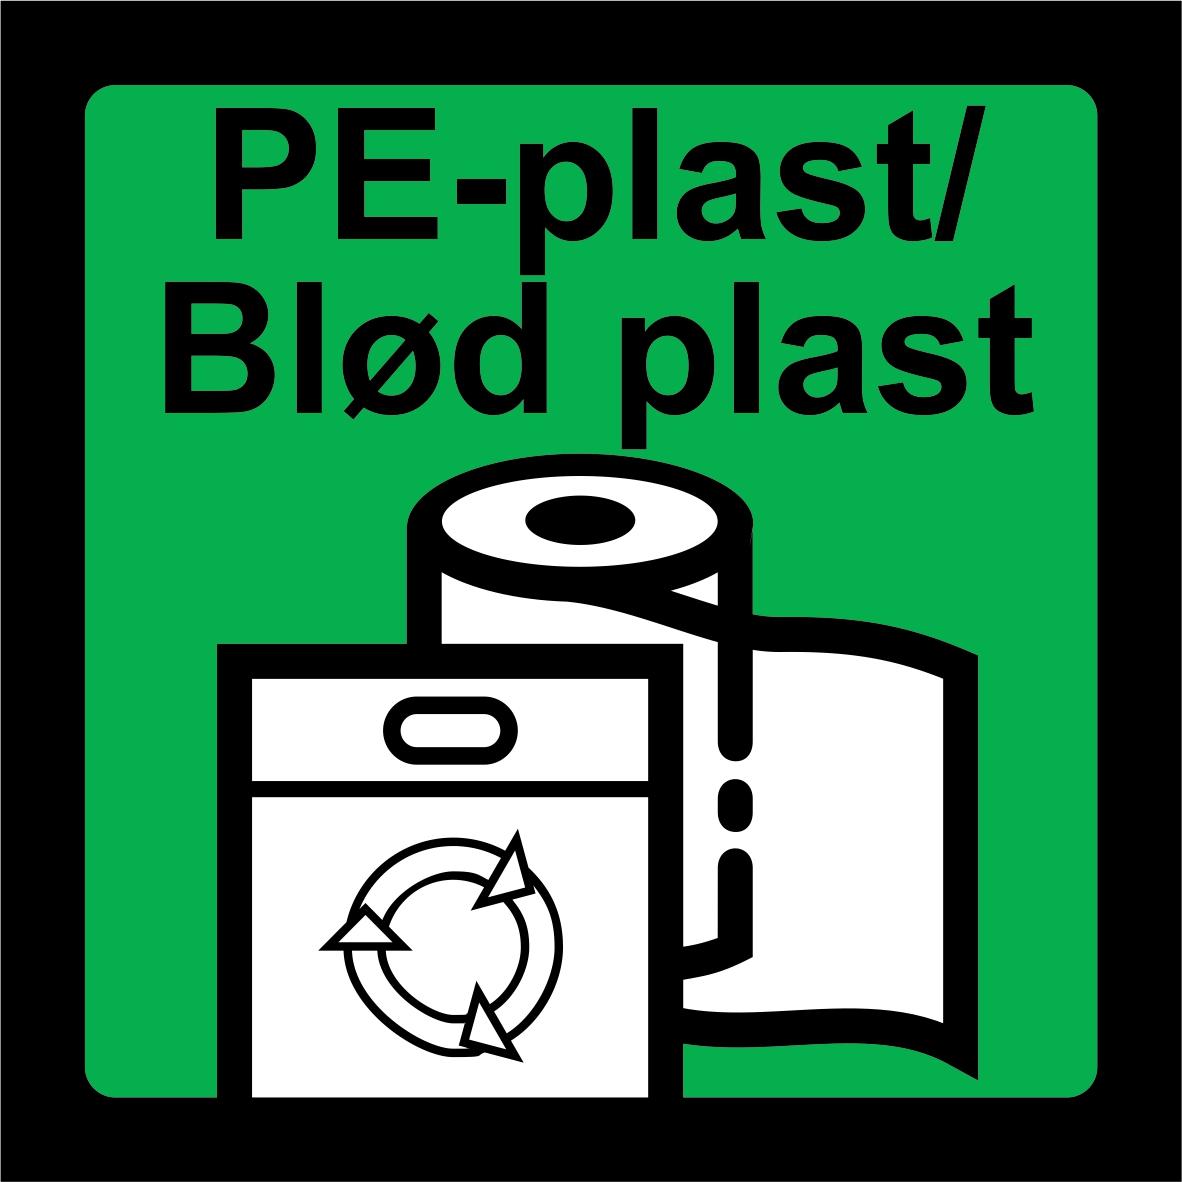 PE-plast / Blød plast